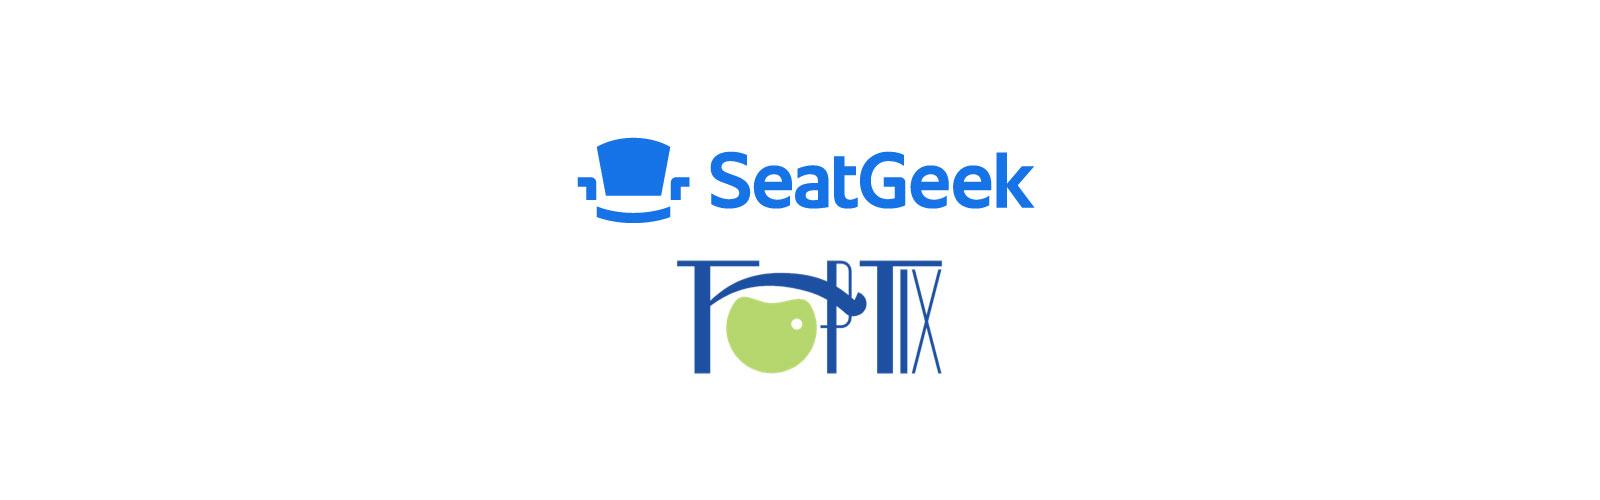 seatgeek-toptix